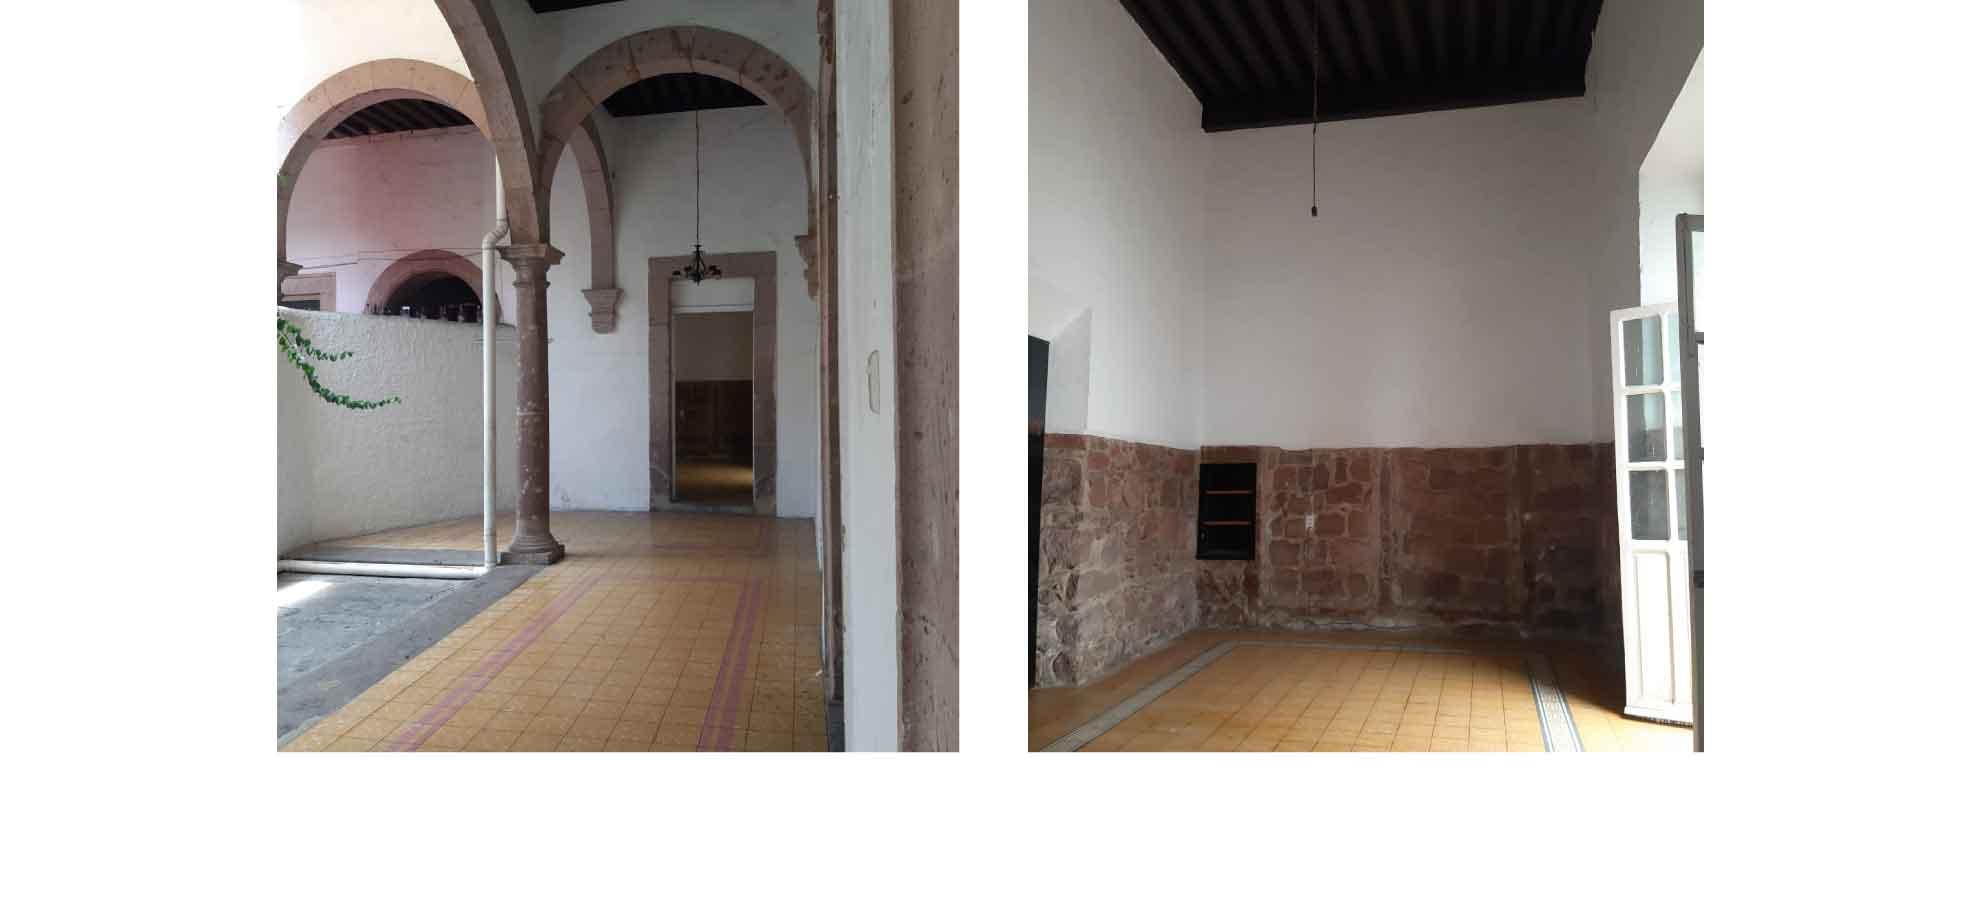 RESIDENCIA CON LOCAL COMERCIAL EN VENTA EN EL CENTRO HISTORICO, MORELIA